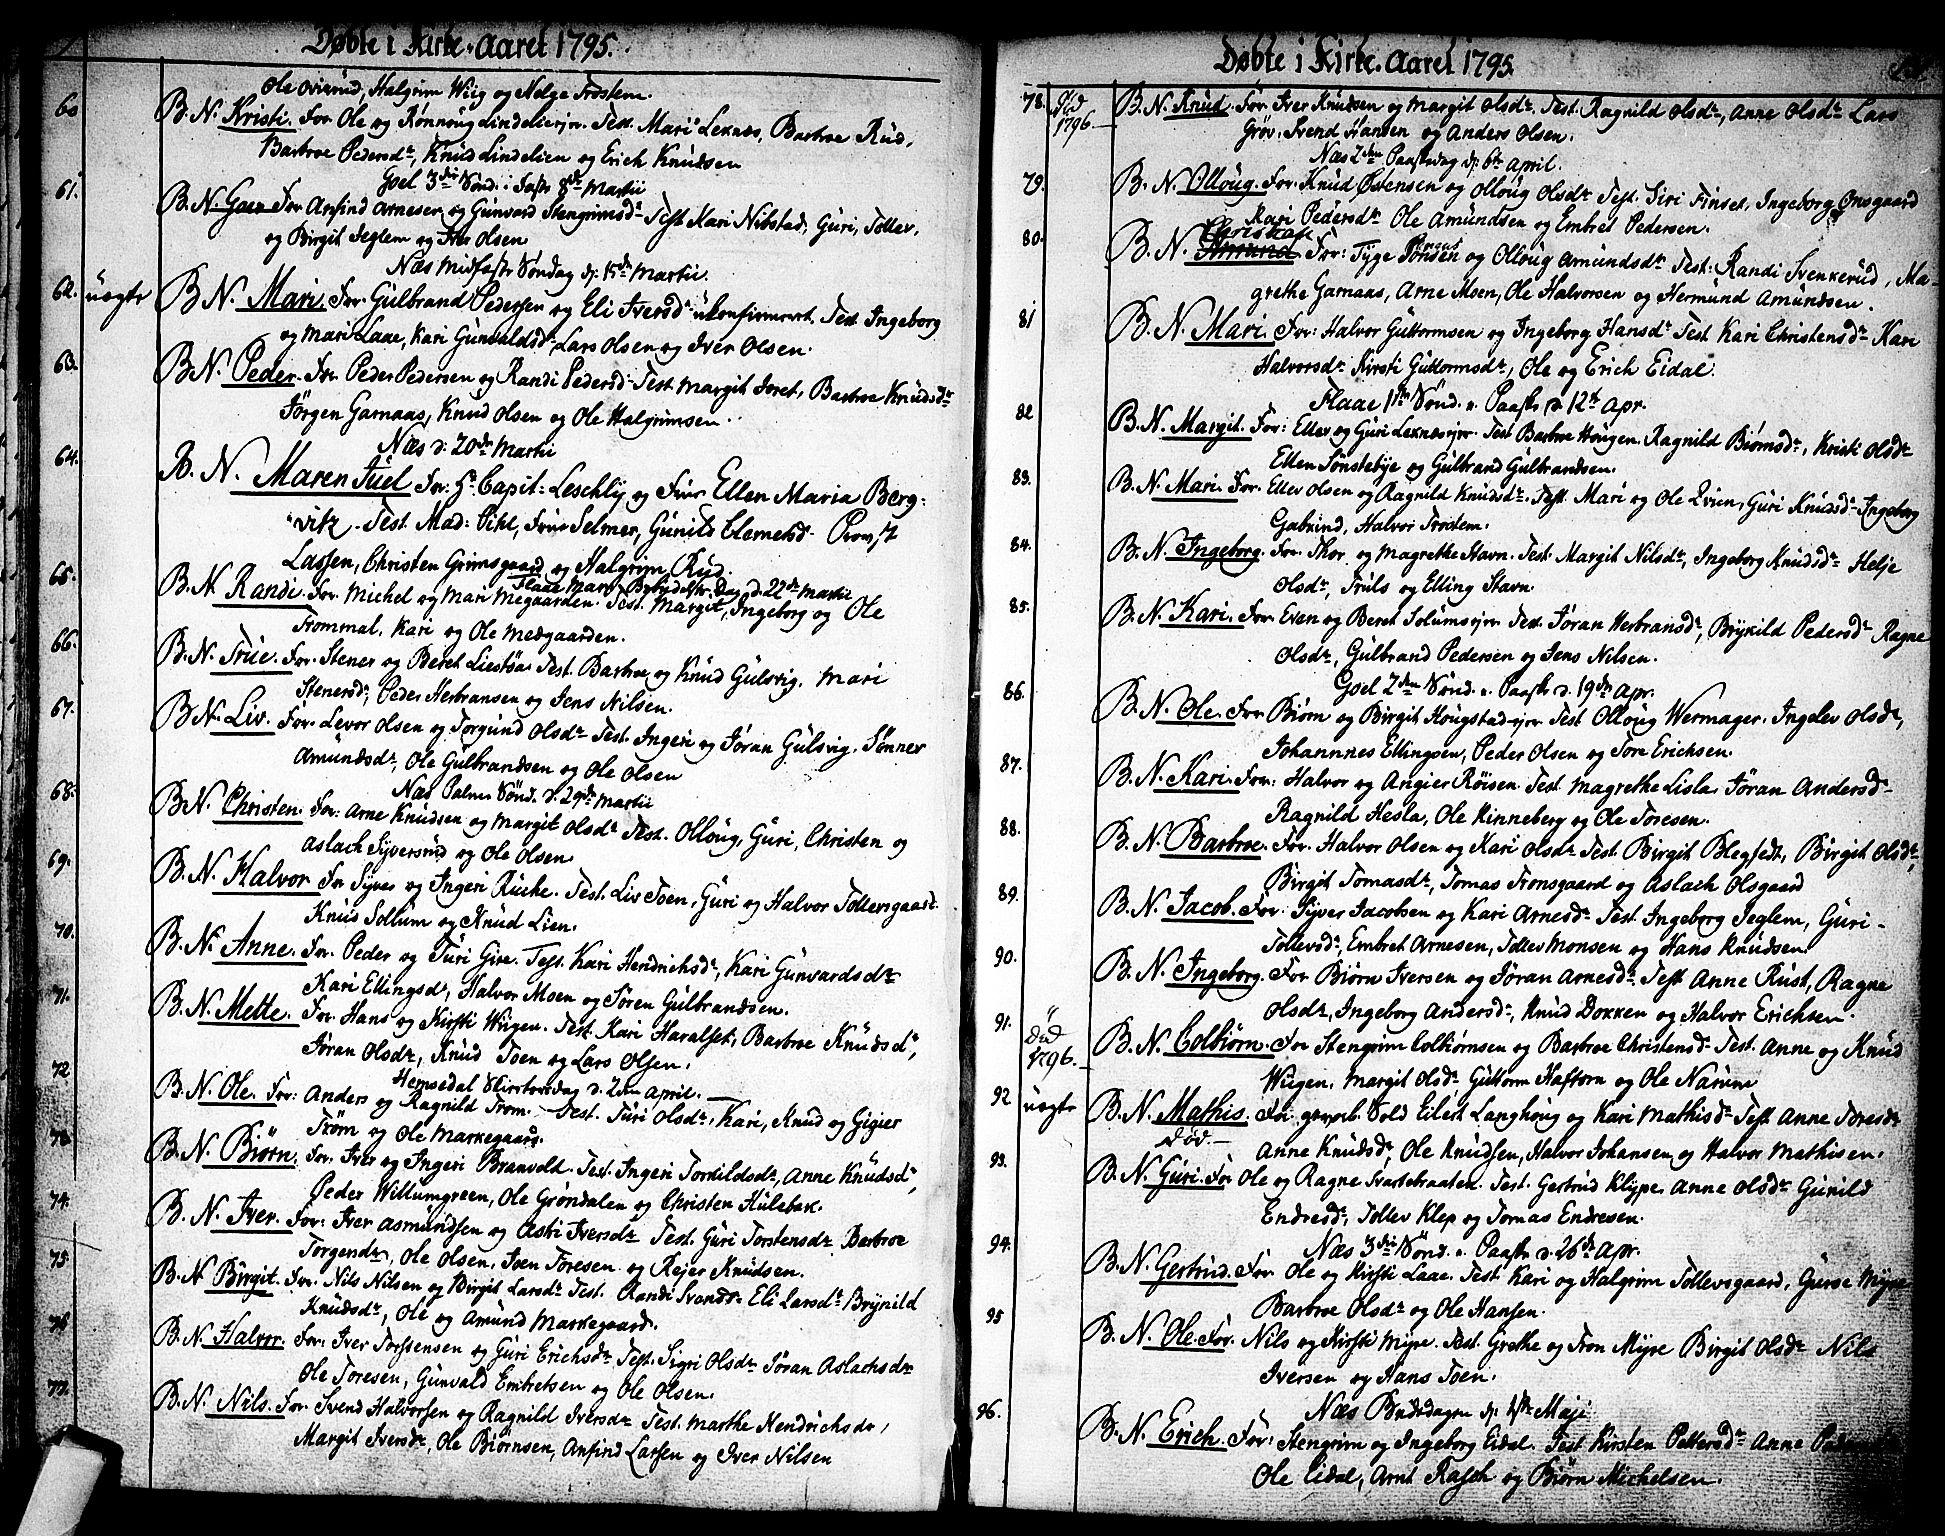 SAKO, Nes kirkebøker, F/Fa/L0005: Ministerialbok nr. 5, 1787-1807, s. 130-131